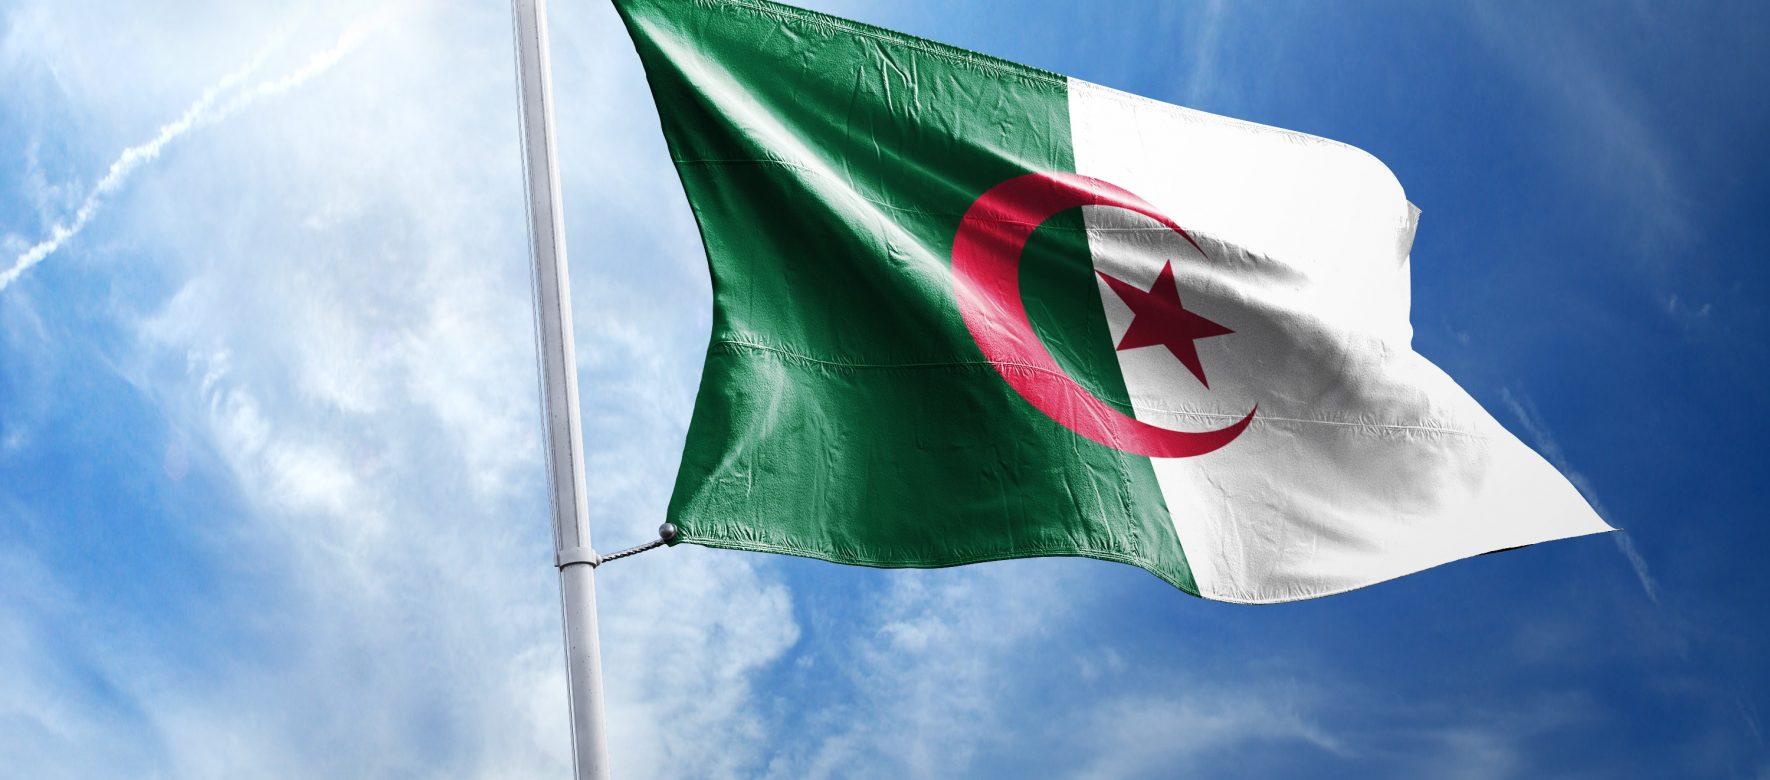 Crise politique en Algérie: tour d'horizon des réactions régionales